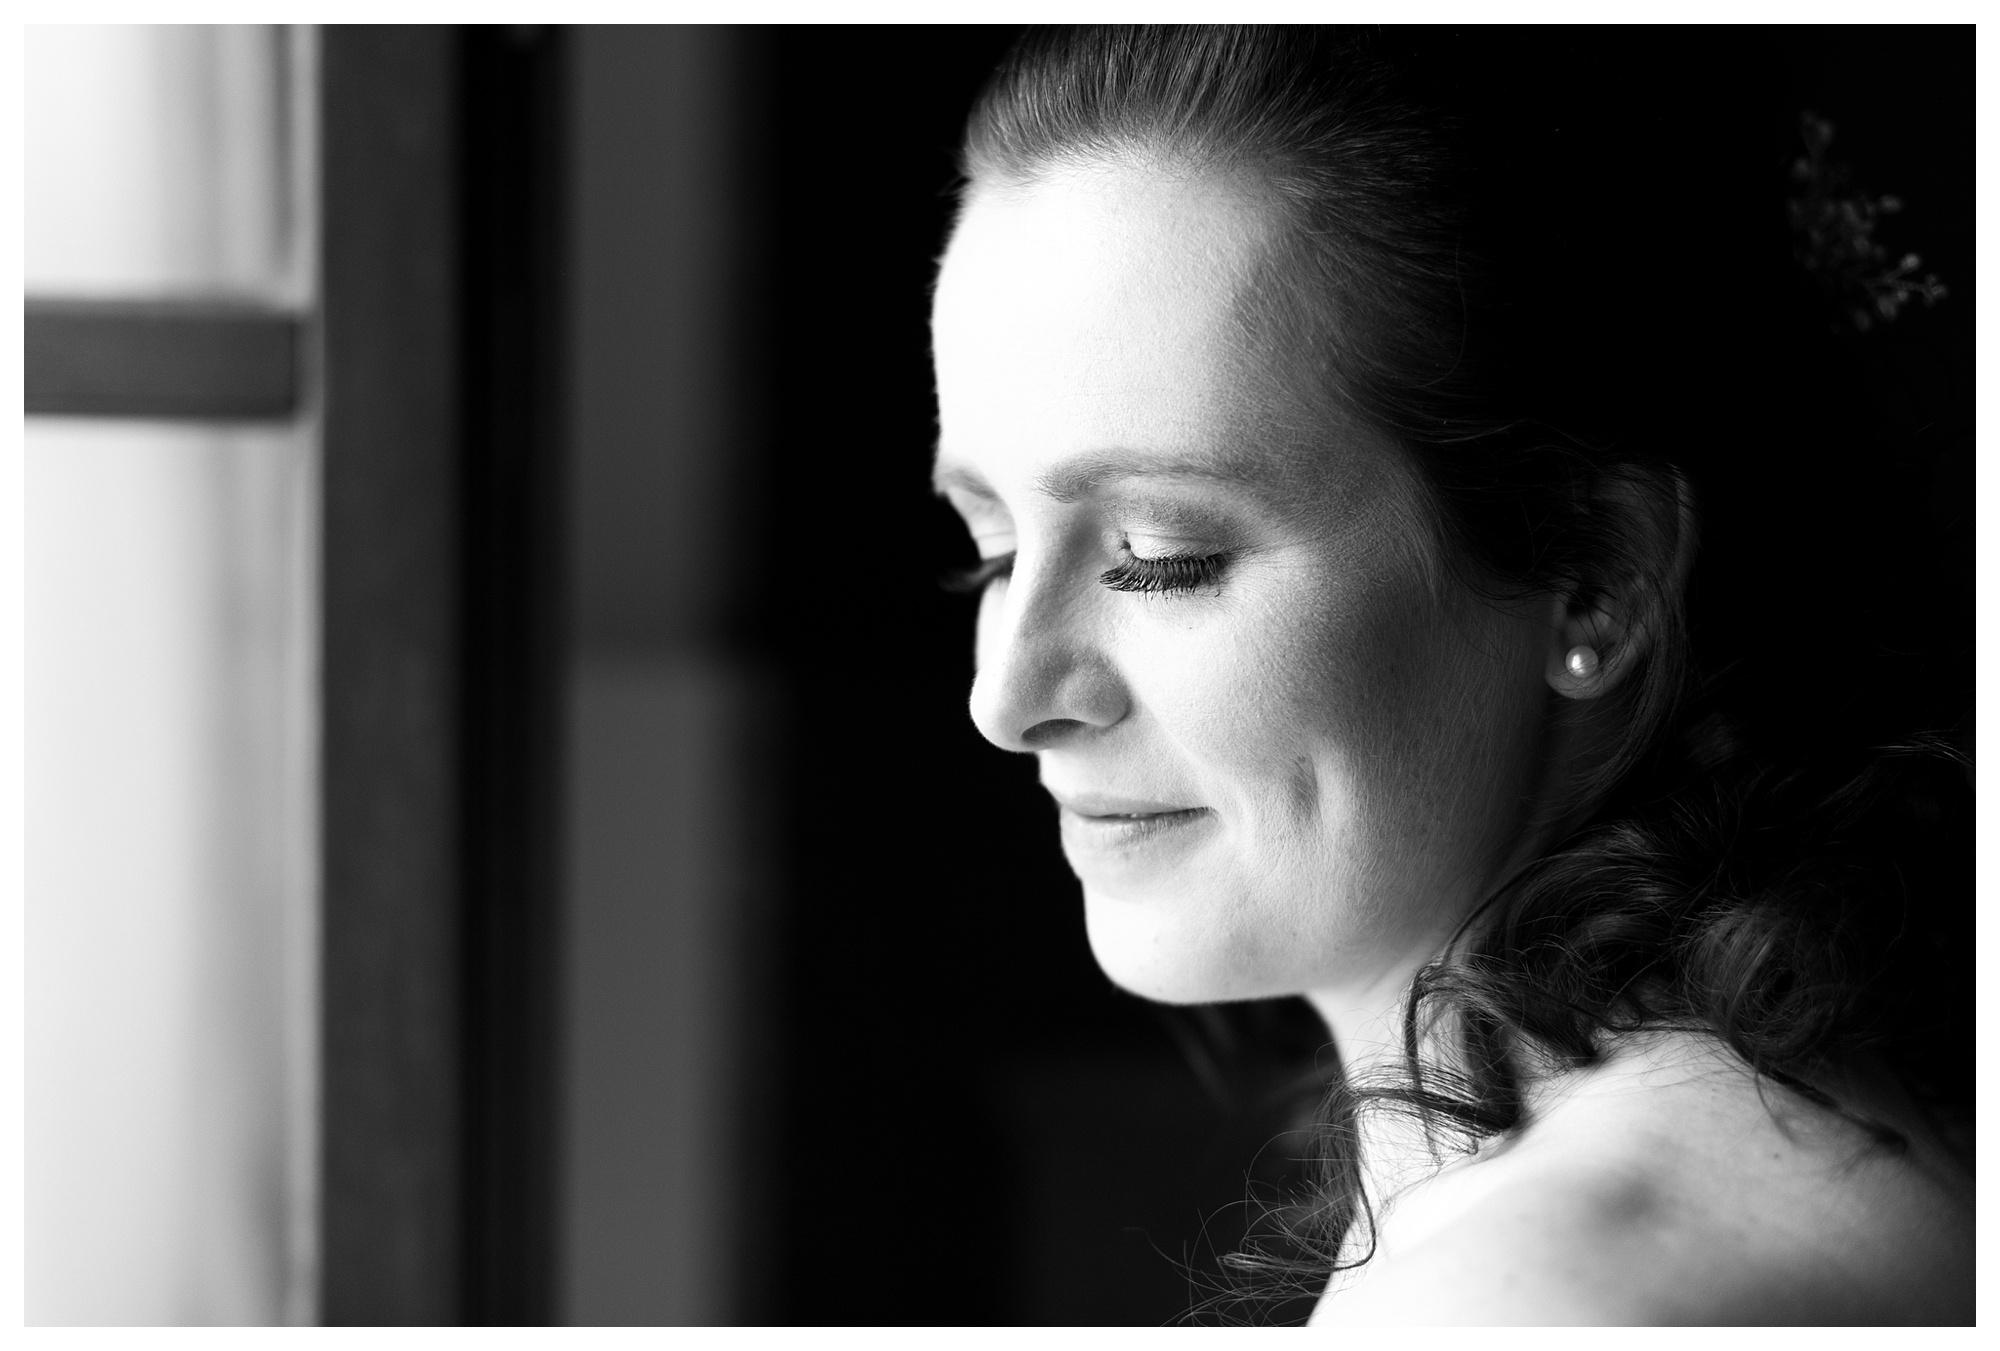 Fotograf Konstanz - Best of 2014 Elmar Feuerbacher Photography Hochzeit Portrait 018 - Rückblick auf 2014  - 73 -